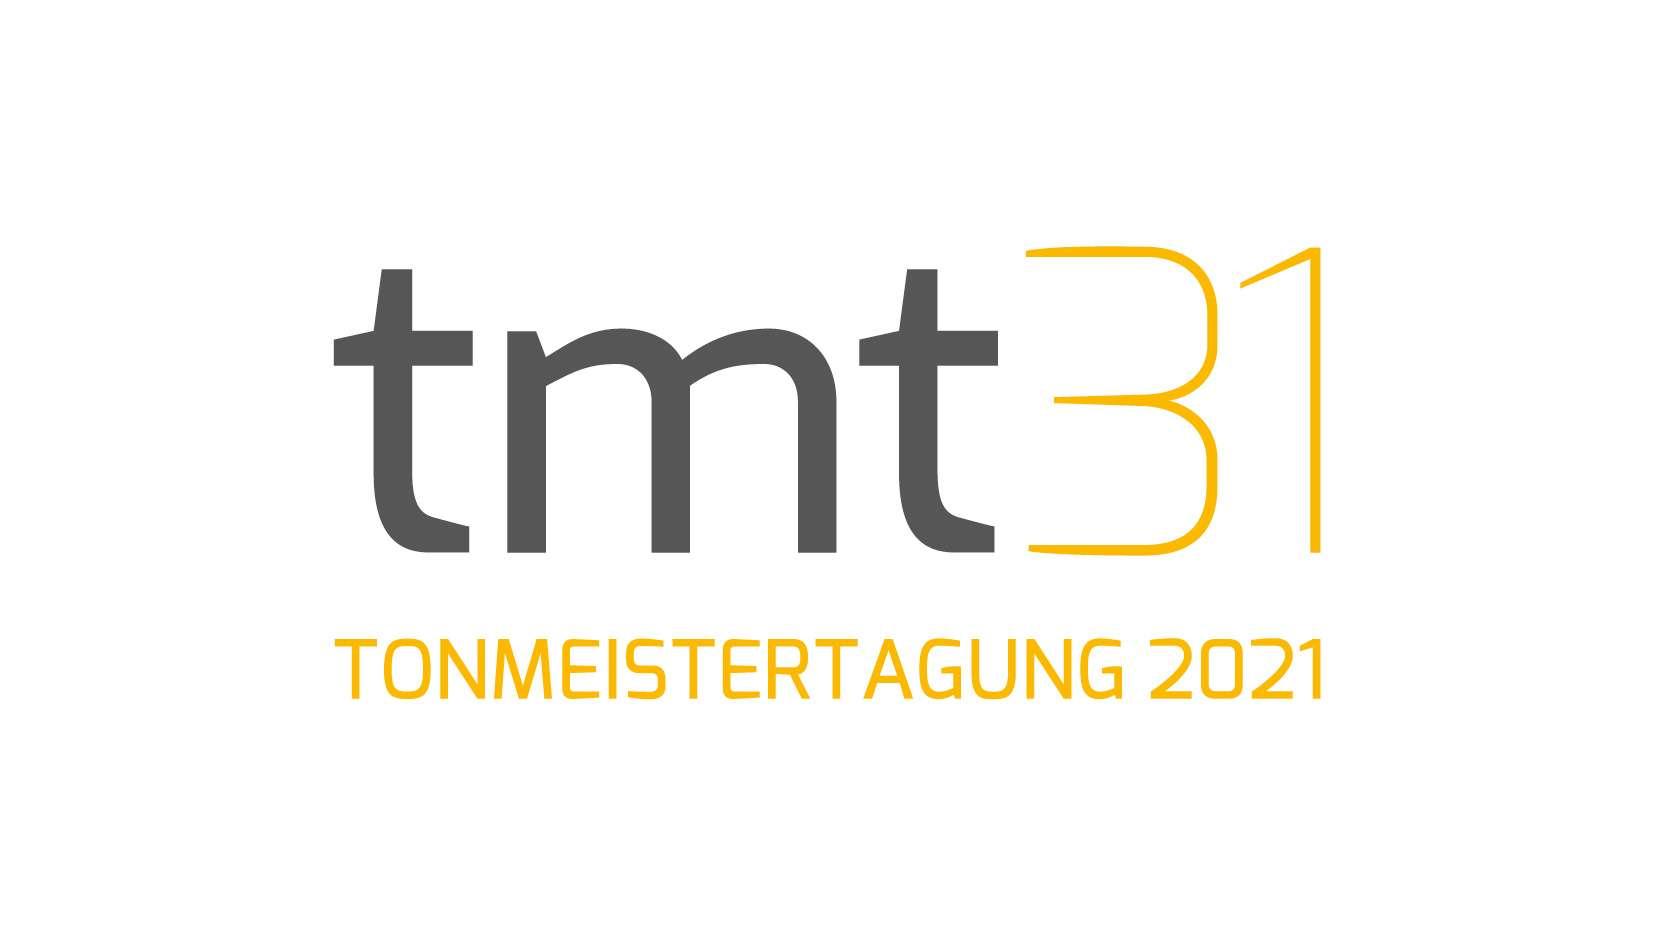 tmt31-2021-logo.jpg